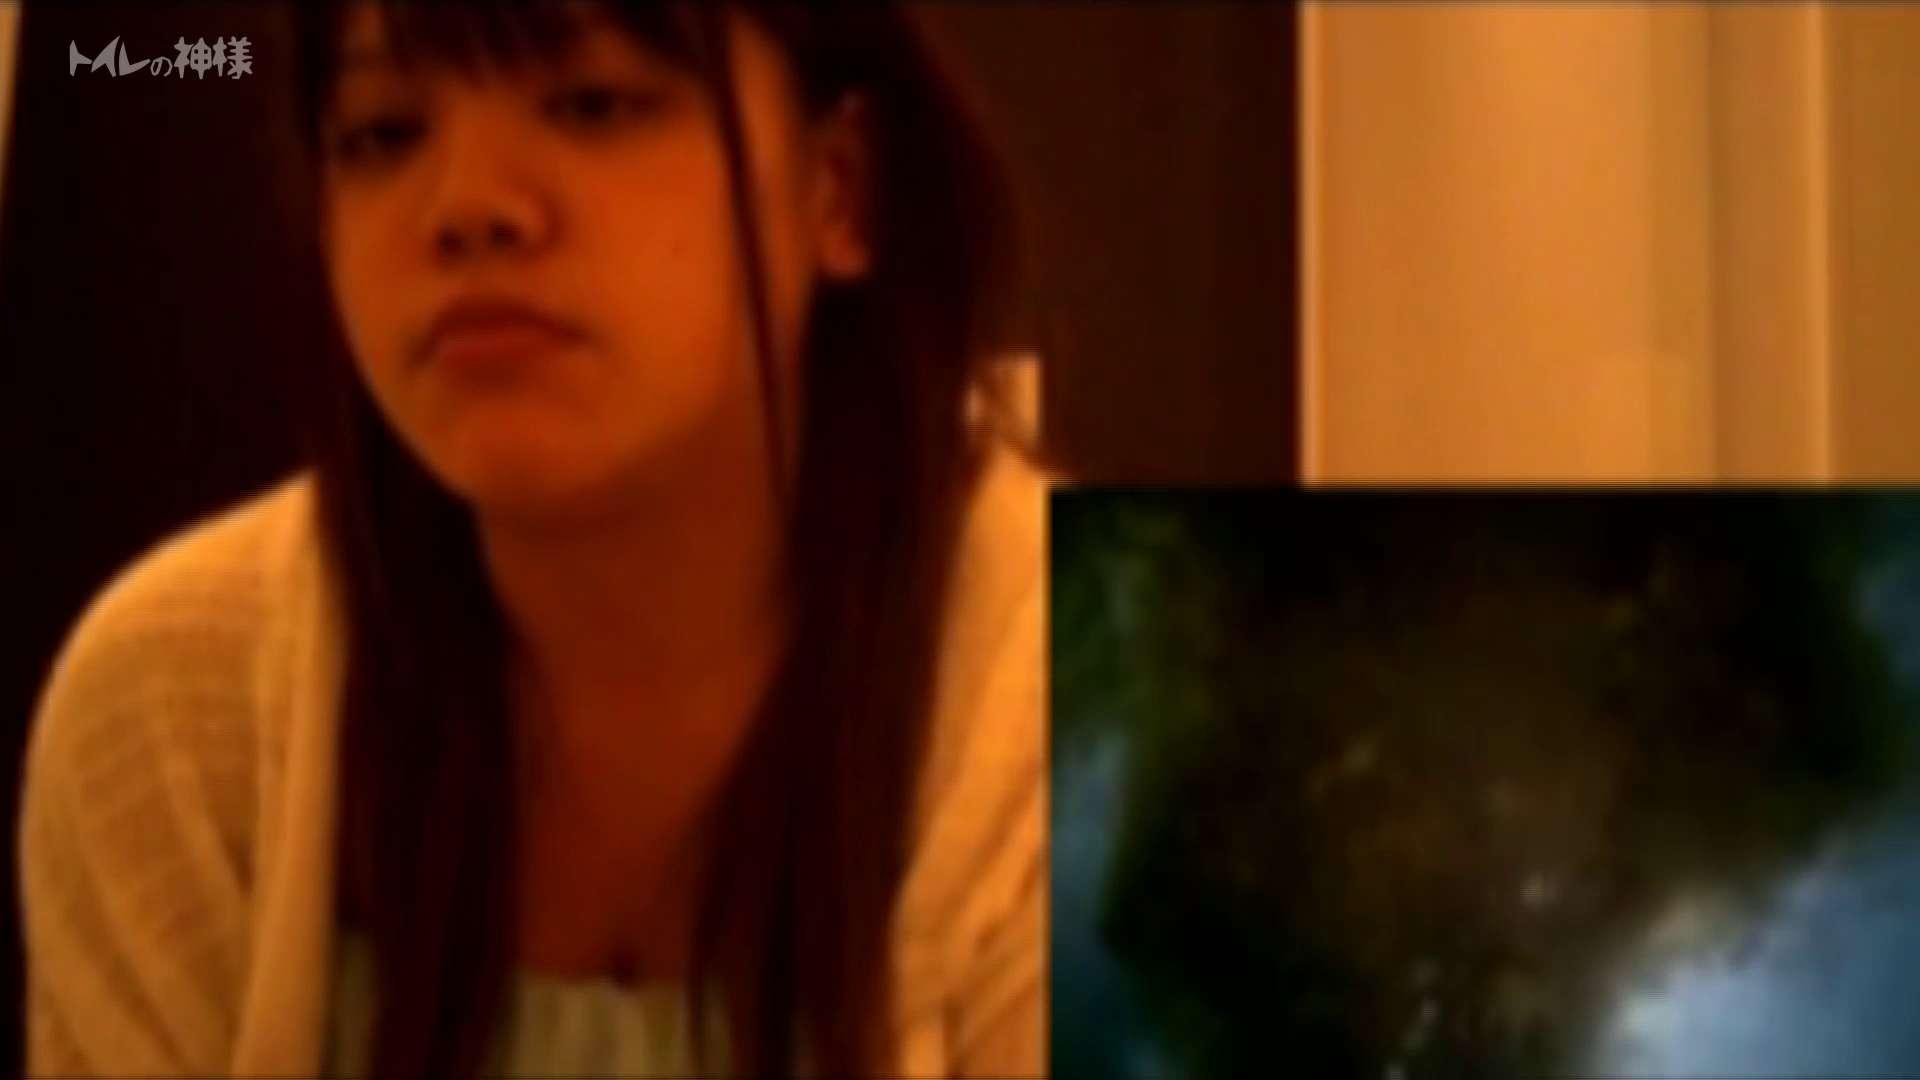 トイレの神様 Vol.03 彼女のうんち隠し撮り ギャル  70PIX 9